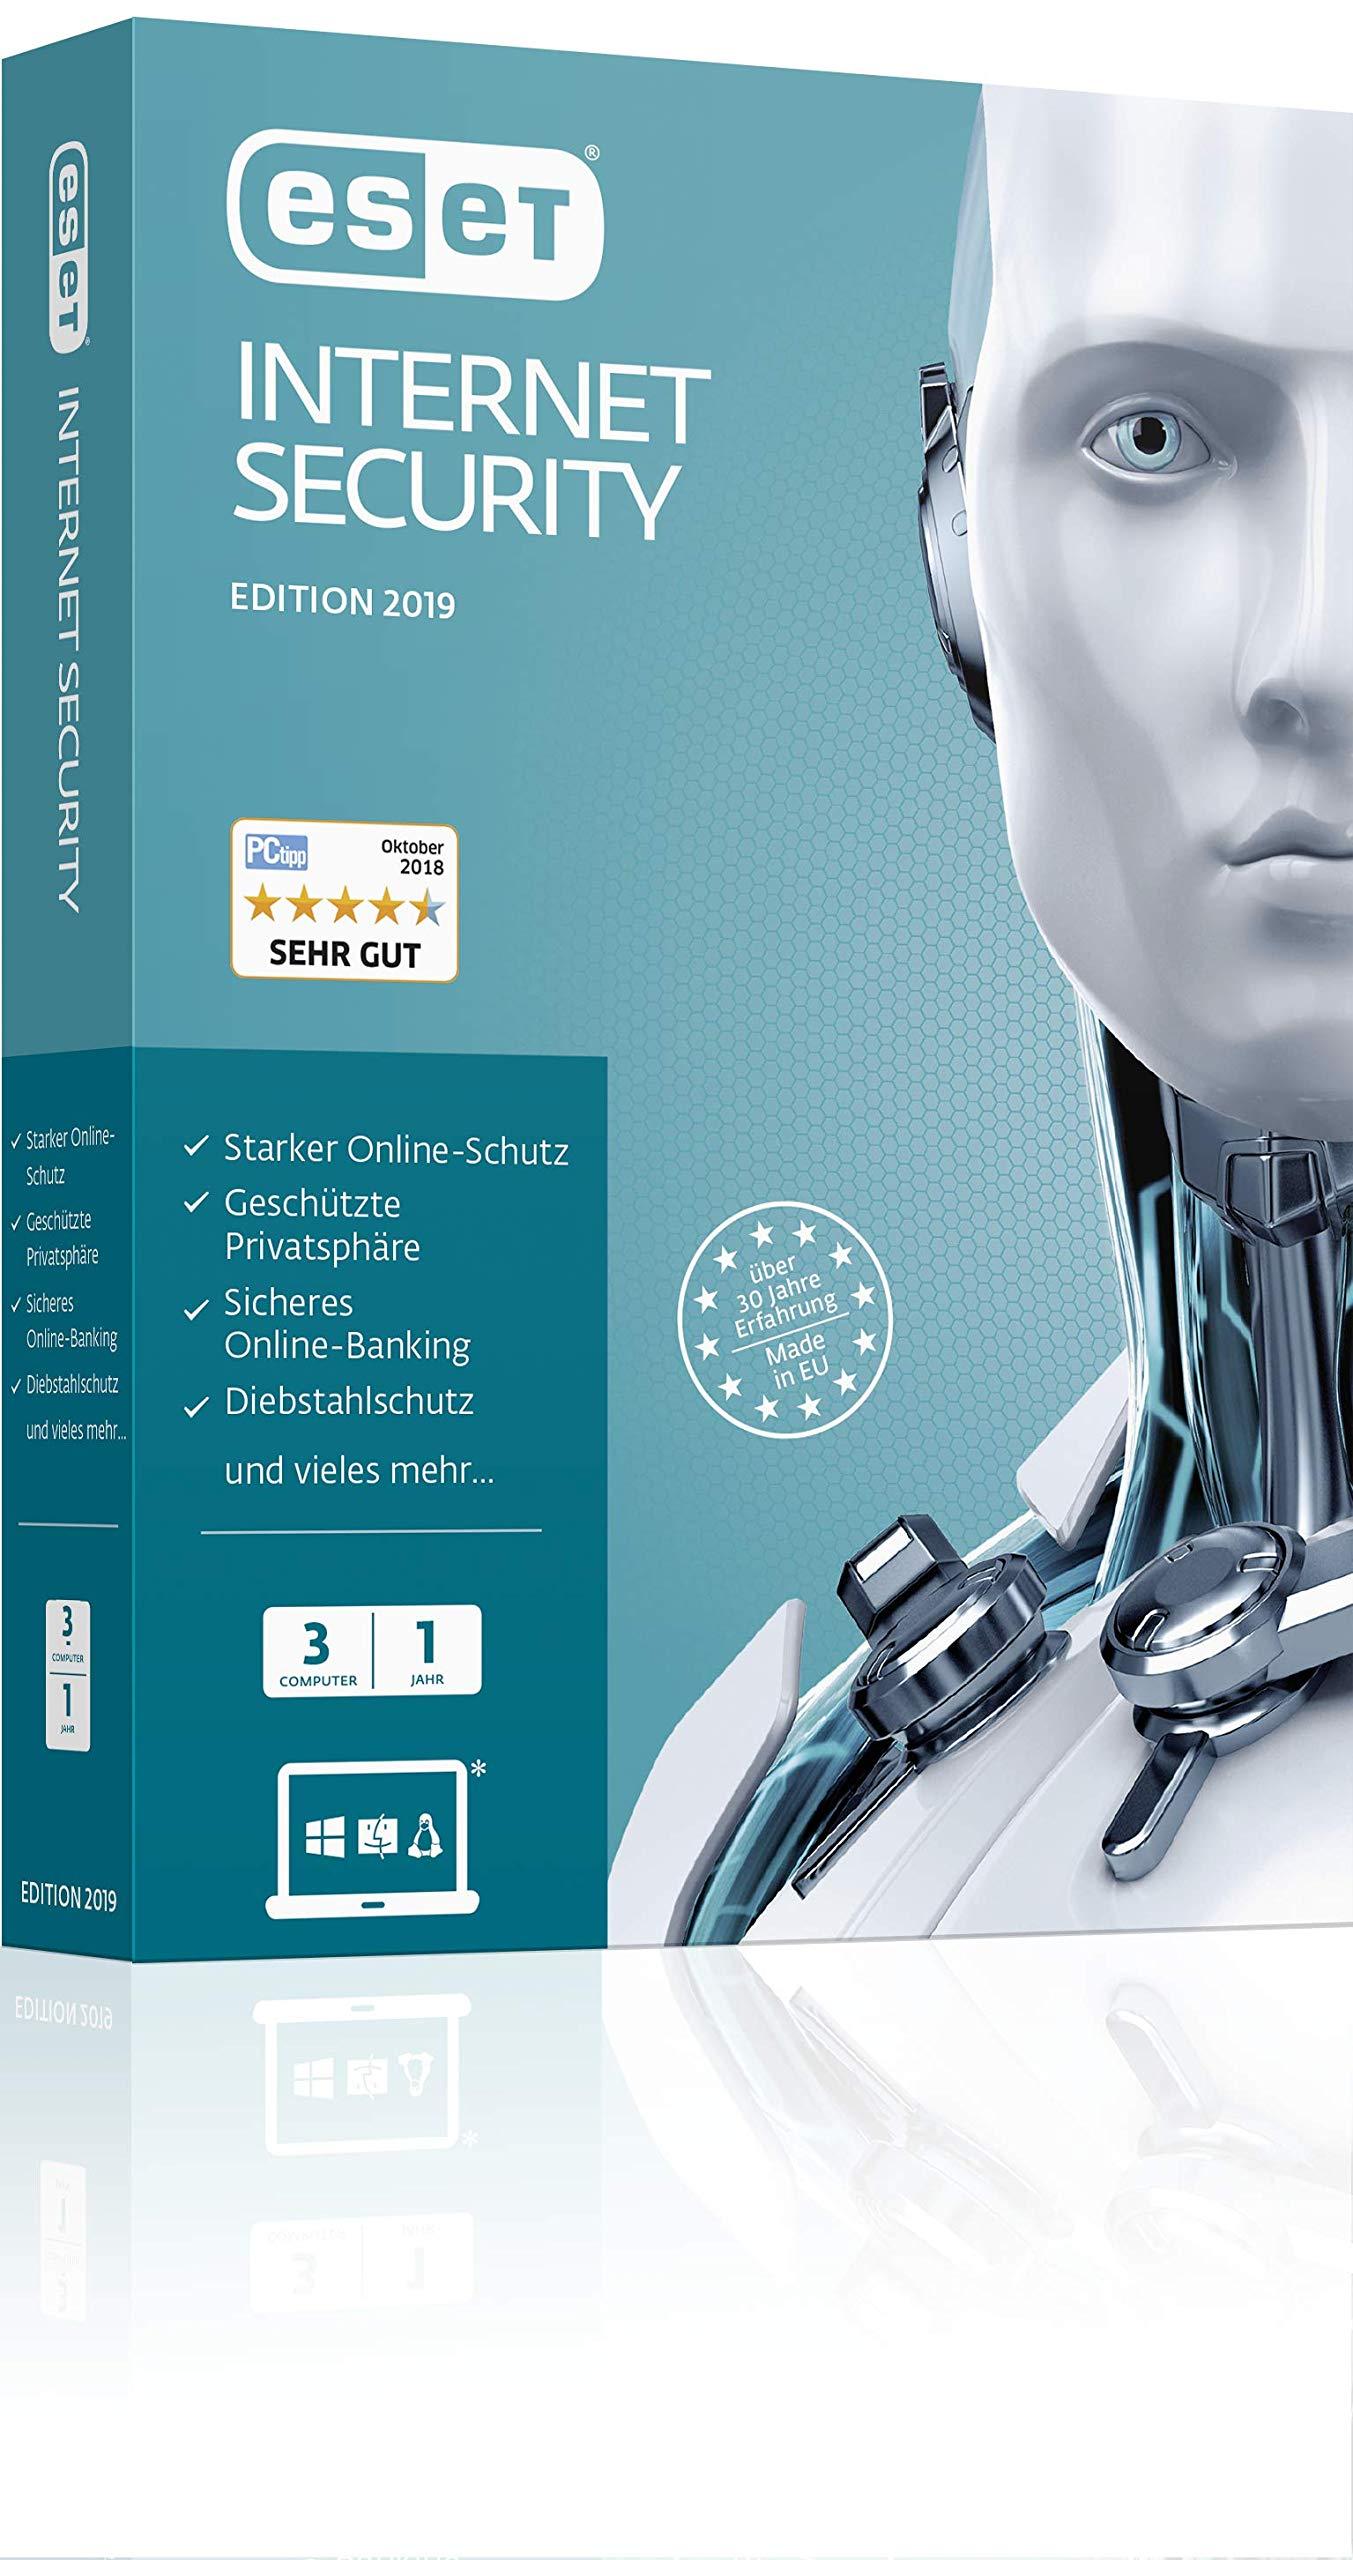 ESET Internet Security 2019 Edition 3 User. Für Windows Vista/7/8/10/MAC/Linux: Amazon.es: Libros en idiomas extranjeros